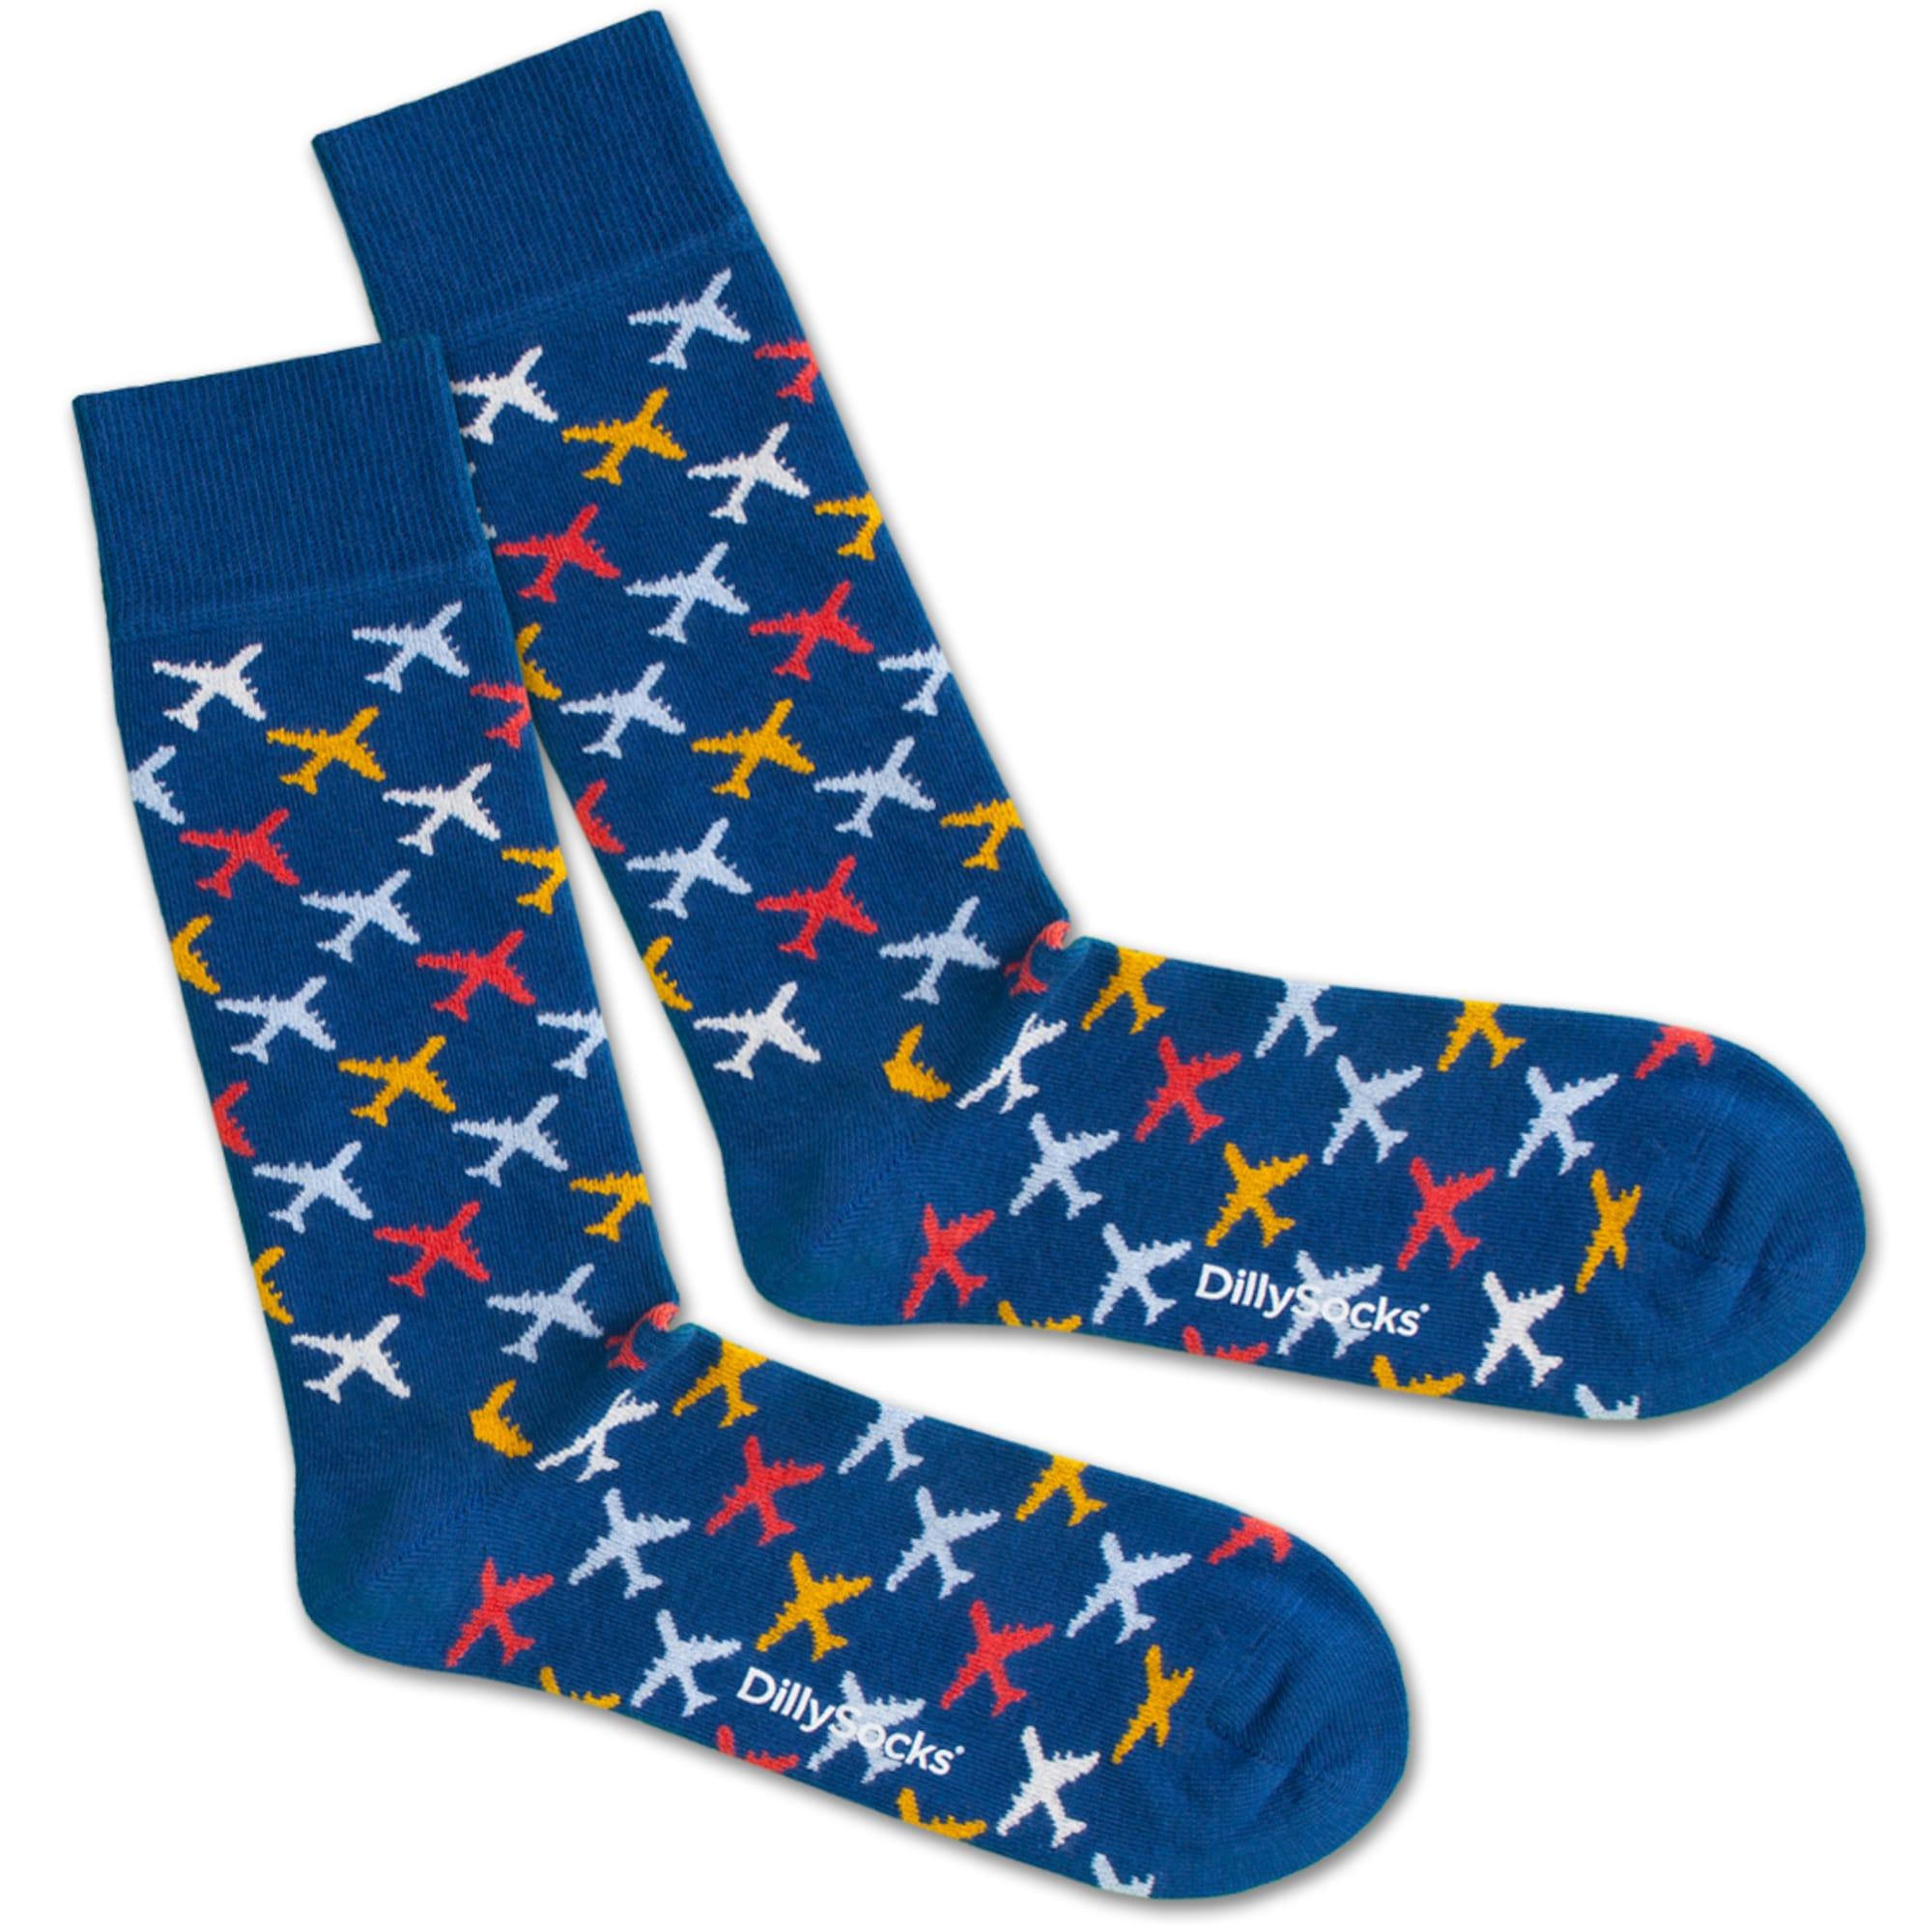 Ponožky Pilot modrá oranžová červená bílá DillySocks